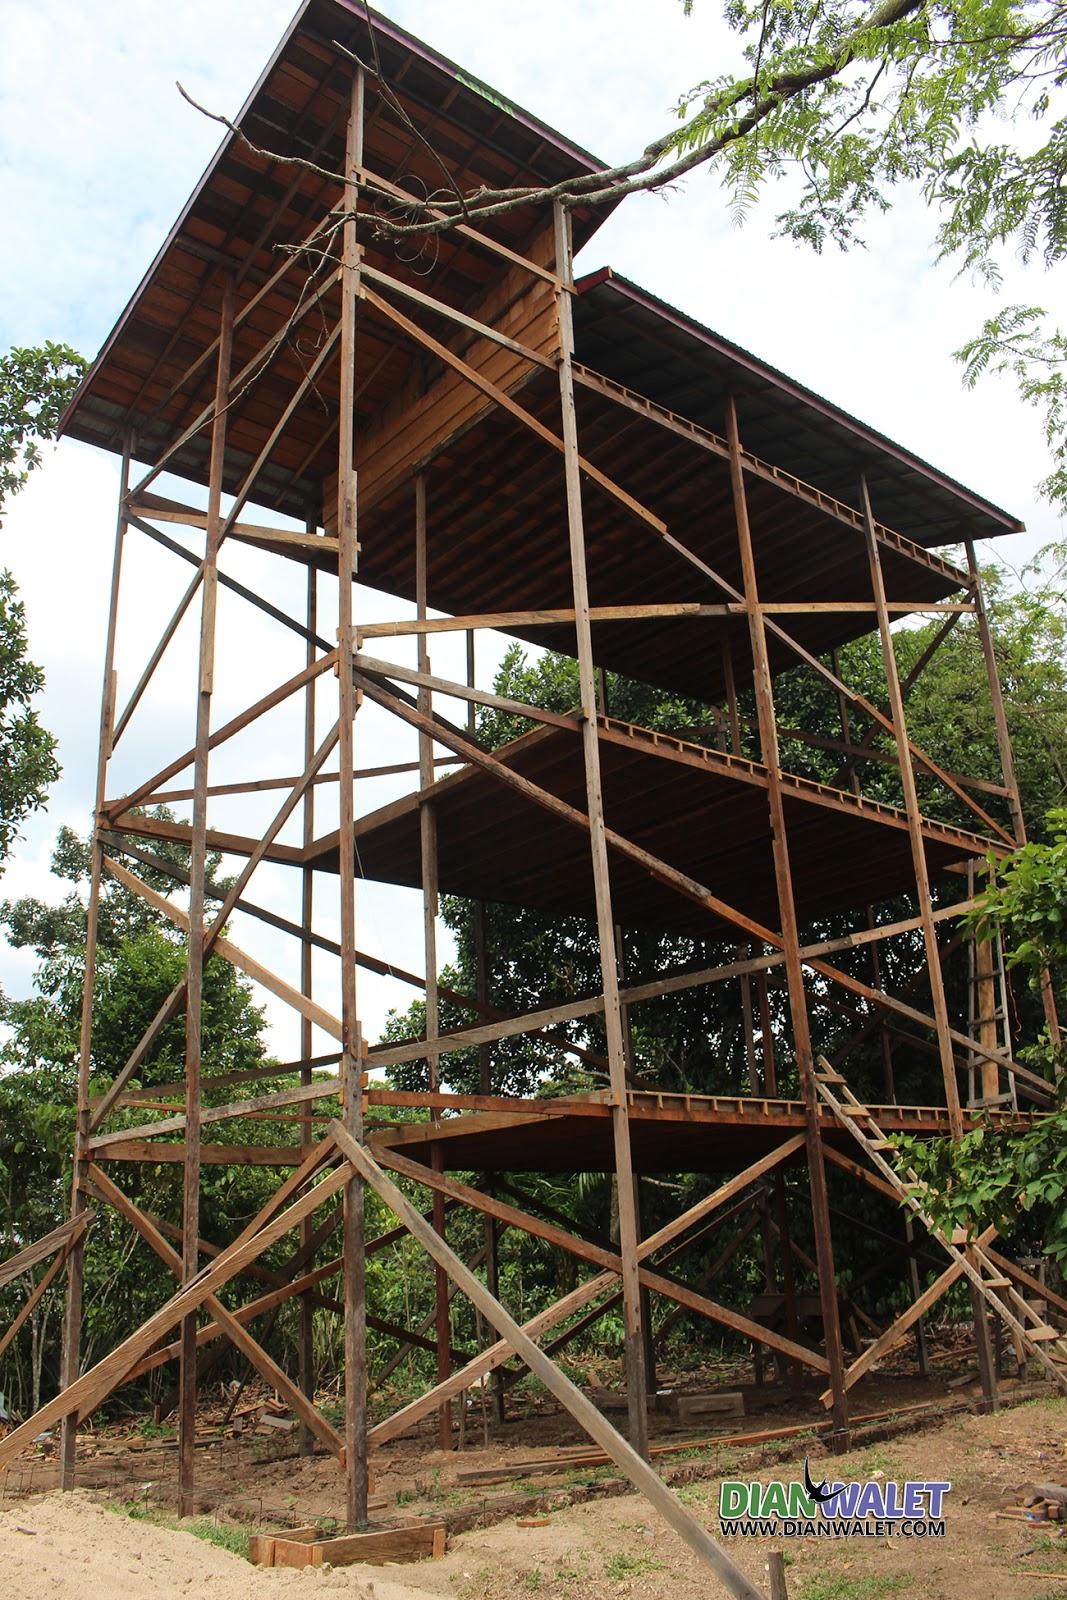 99+ Contoh Denah Rumah Walet Dari Kayu Terpopuler